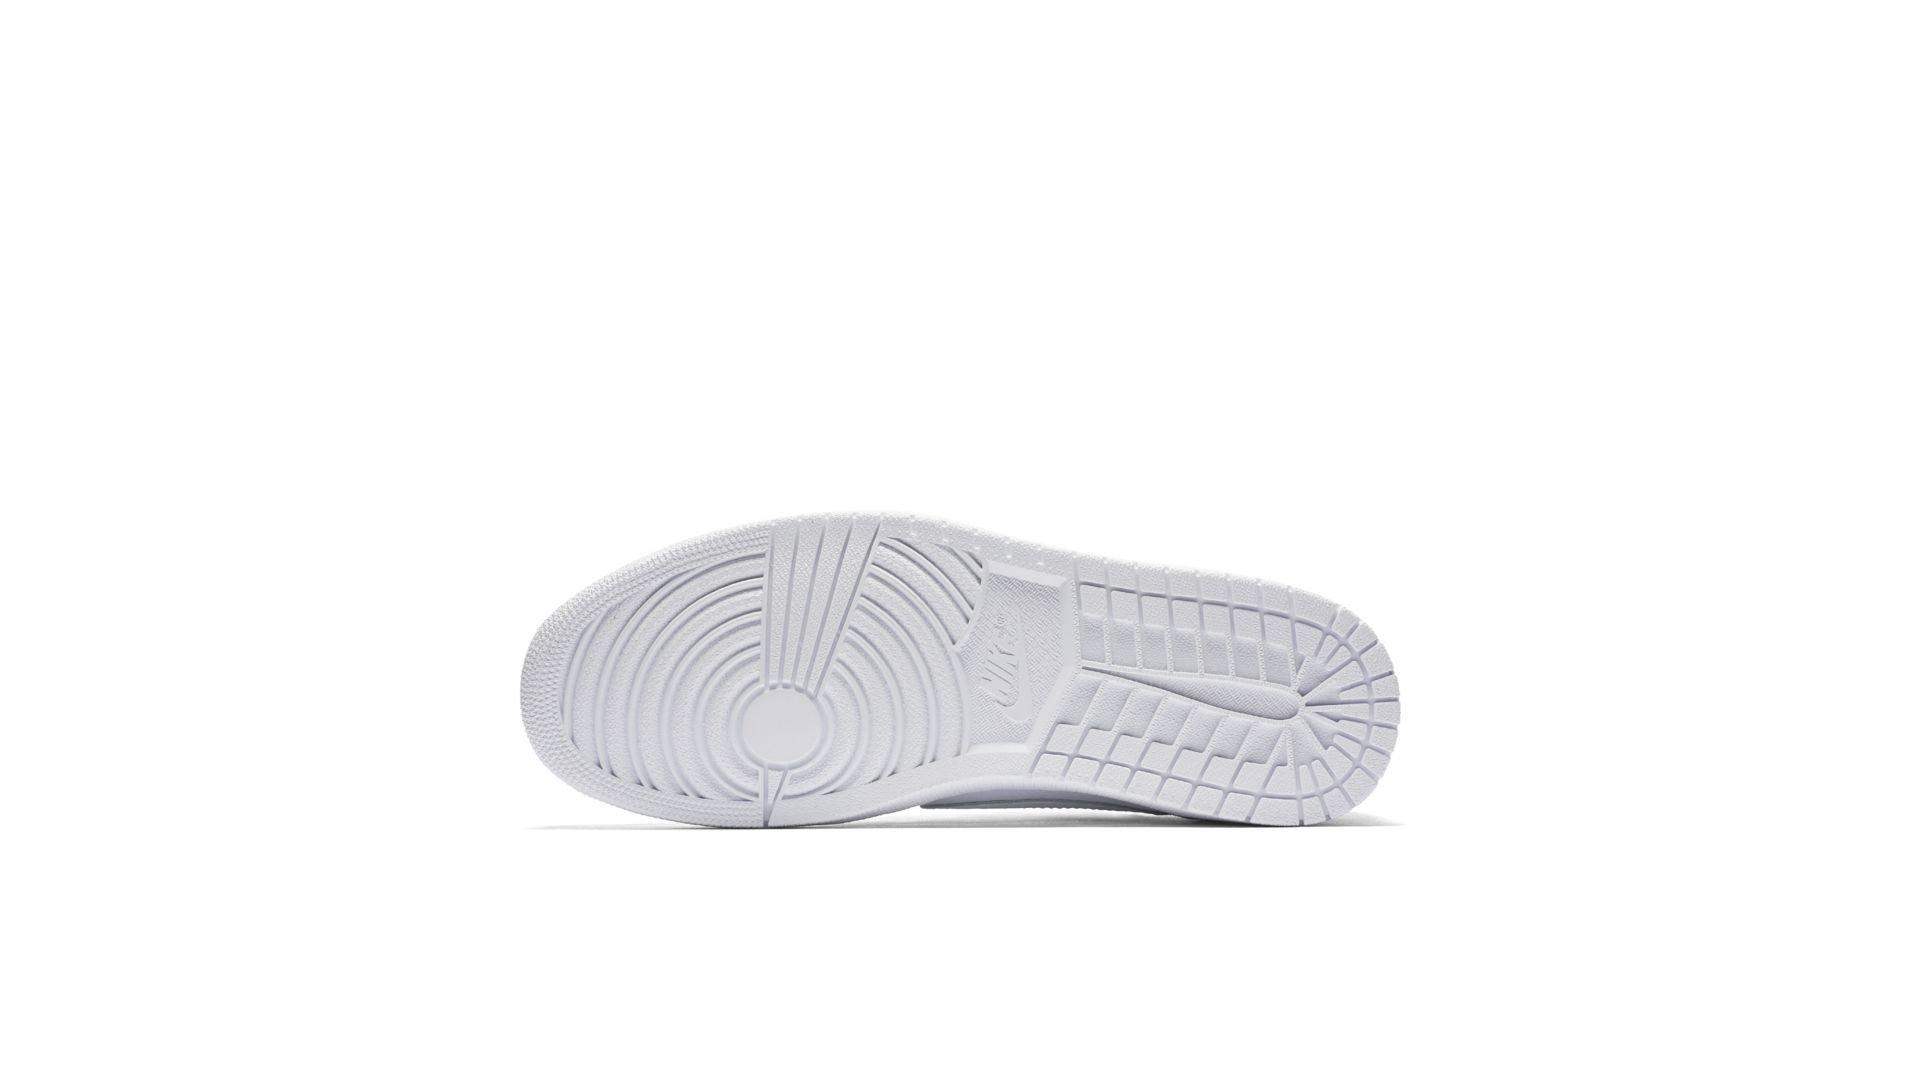 Jordan 1 Retro Low OG White Vachetta (905136-100)